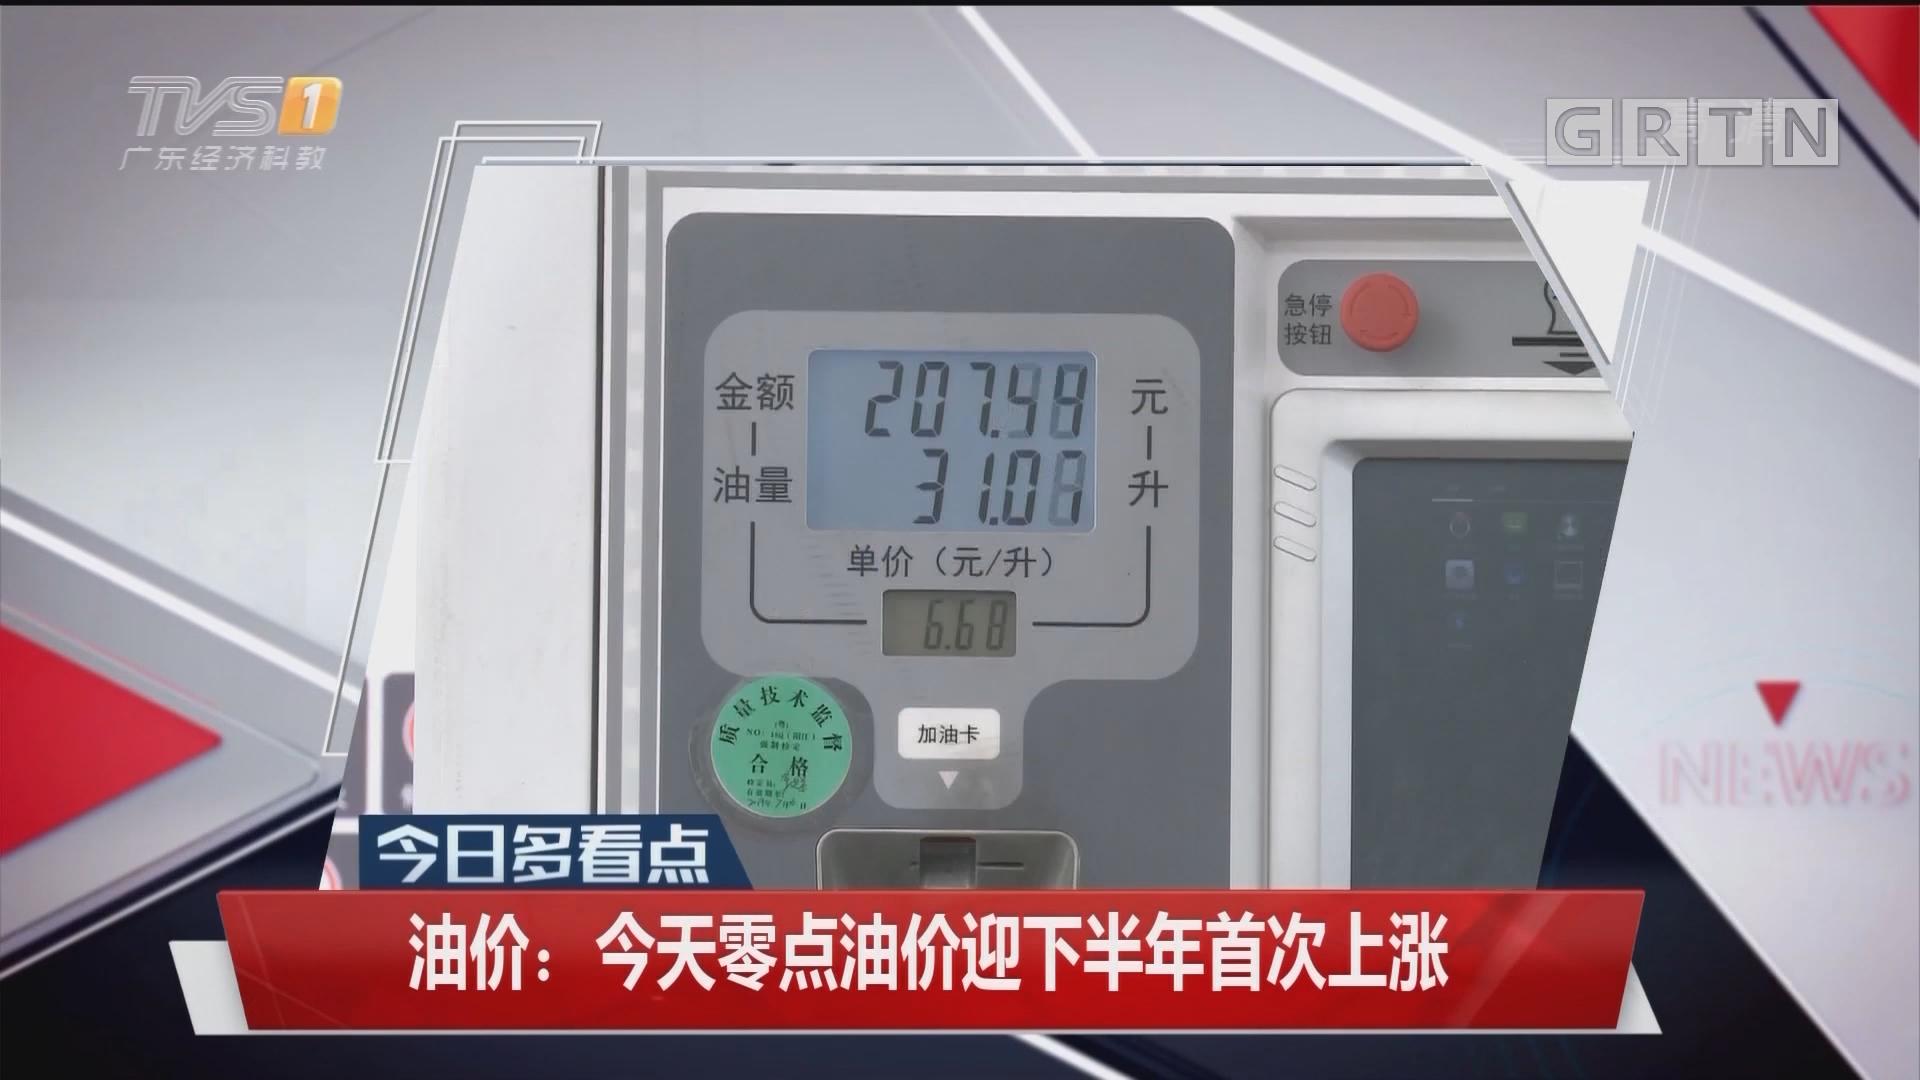 油价:今天零点油价迎下半年首次上涨